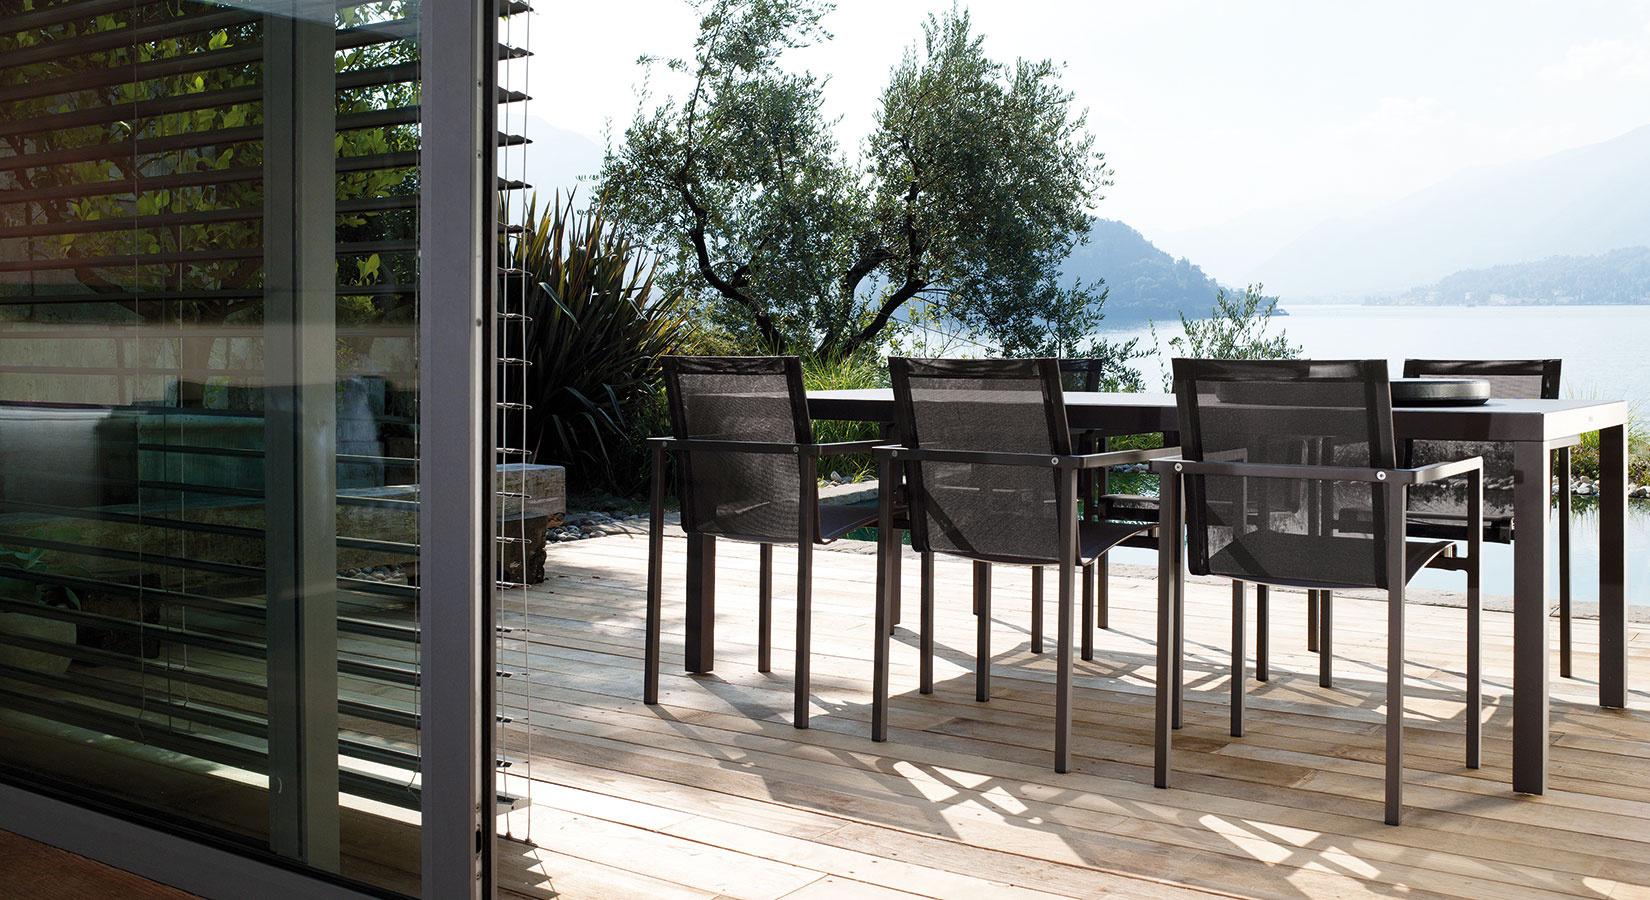 Stoličky zkolekcie Natal Alu zdielne značky Tribù charakterizuje spojenie hranatého rámu azaoblených sedadiel. Hliníková konštrukcia asedadlá vyhotovené zlátky Batyline odolajú nepriaznivým poveternostným vplyvom, sú nenáročné na údržbu arecyklovateľné. (Predáva Elmina, Light Park)